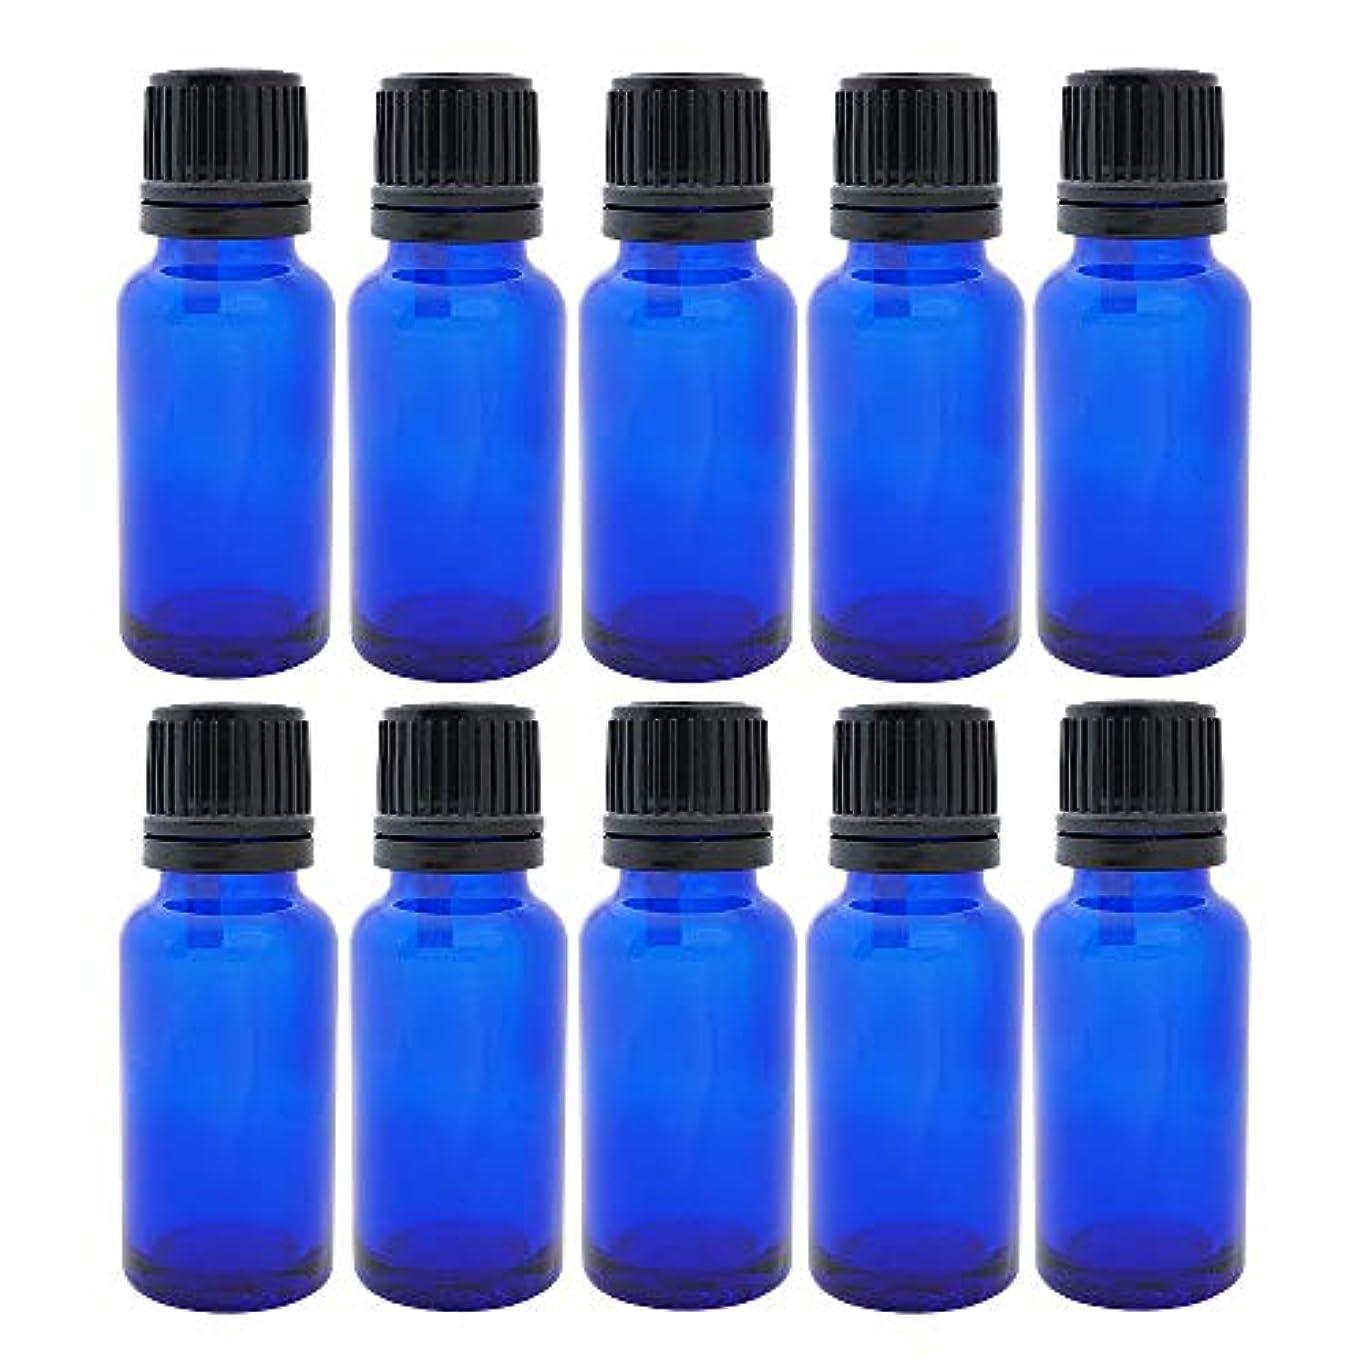 幼児平和的エイリアン遮光ビン 20ml 瓶 10本セット ブルー(ドロッパー キャップ付)